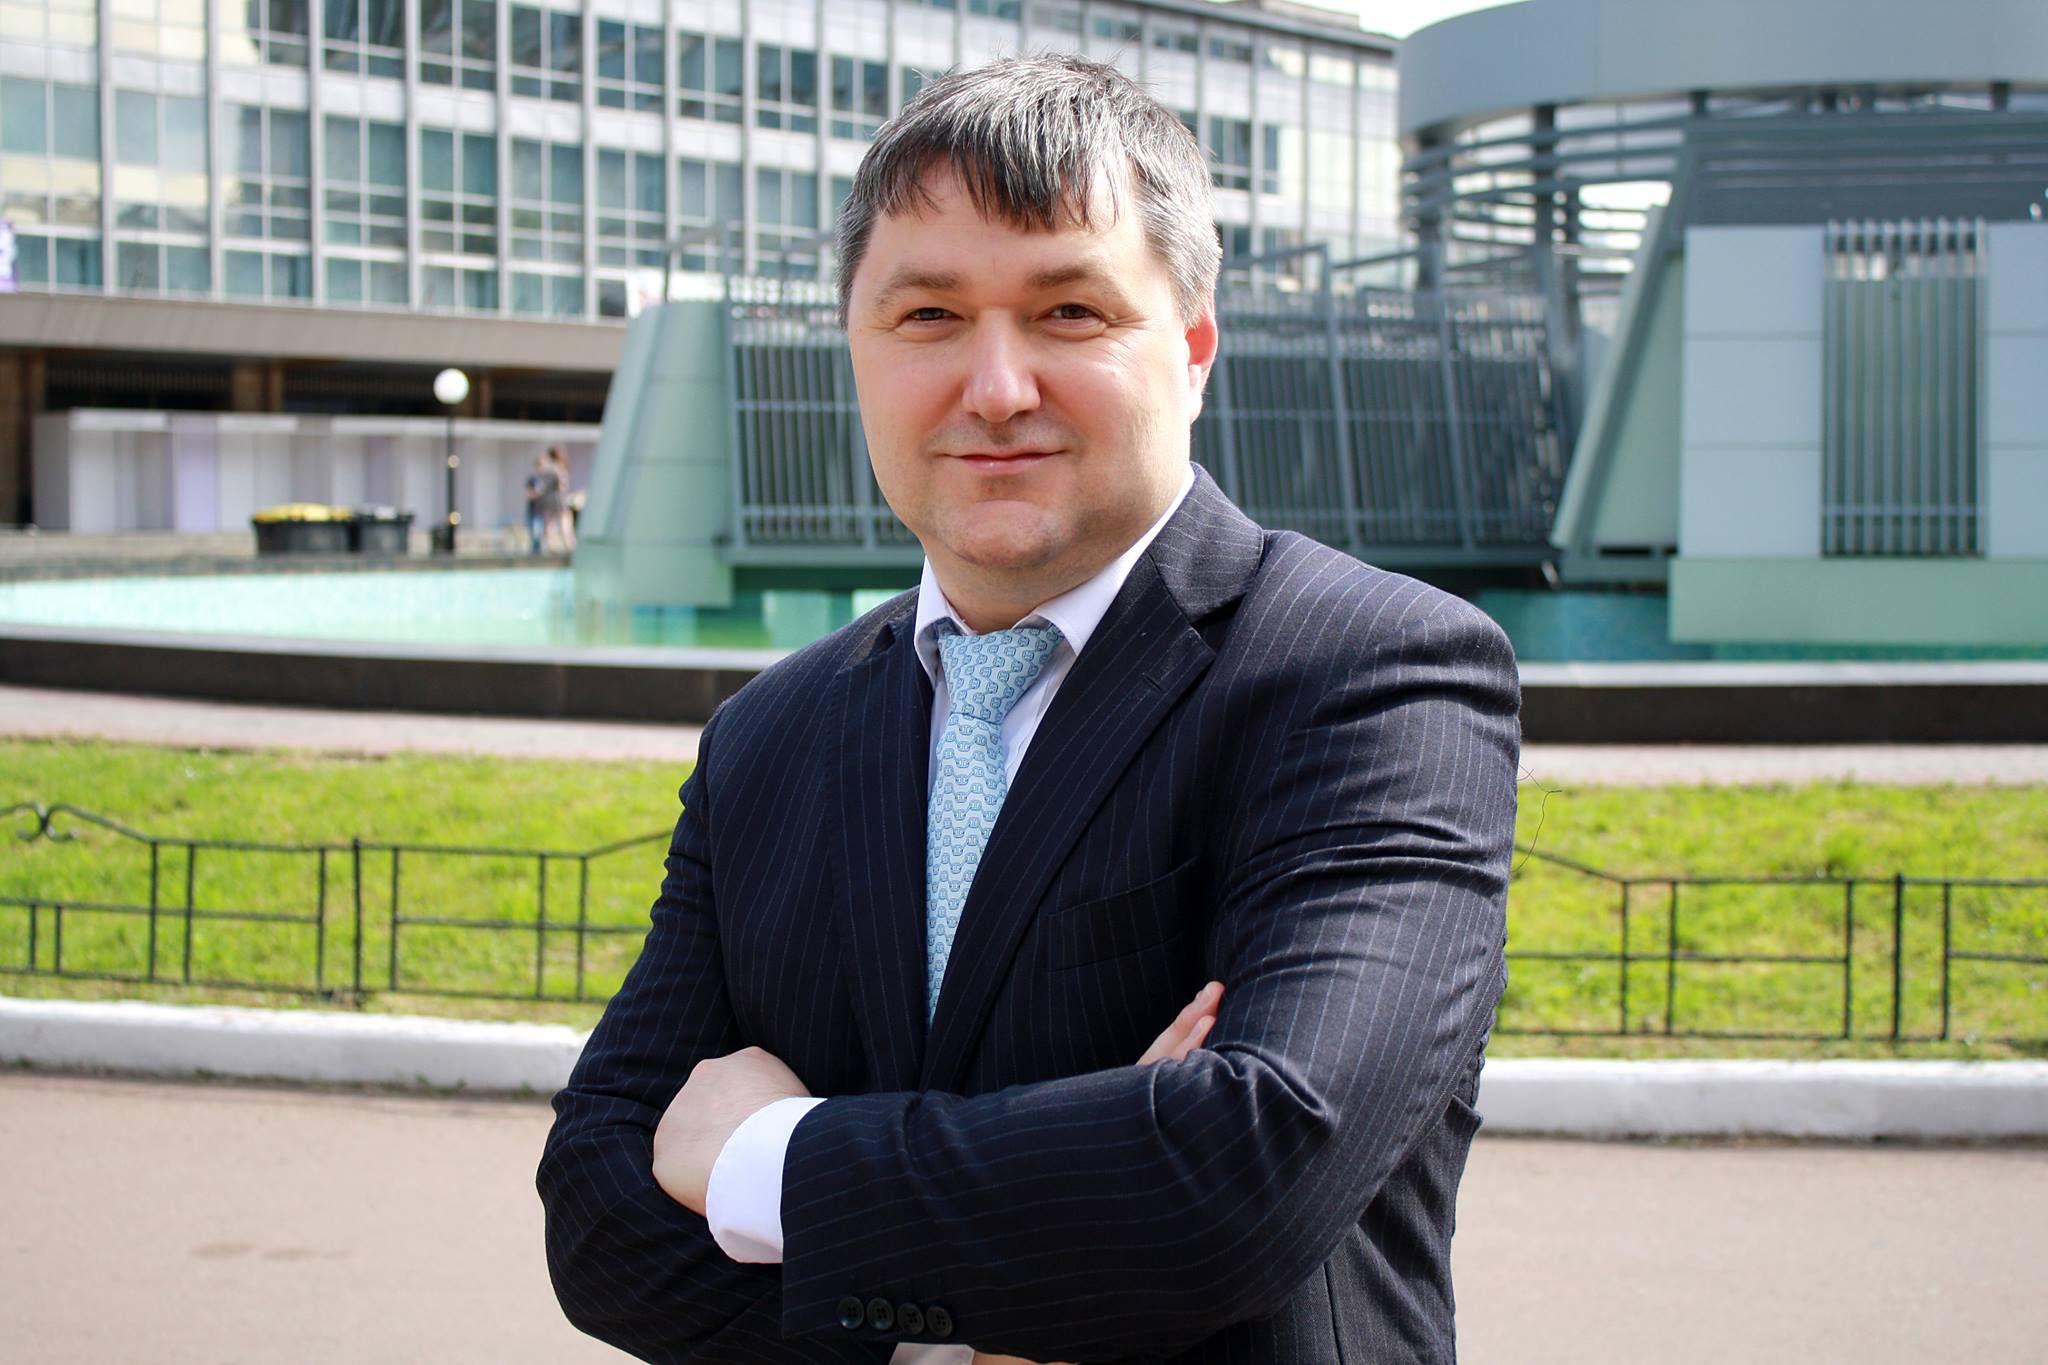 Критична ситуація на «Укрзалізниці» та поганий стан доріг стриножують розвиток економіки